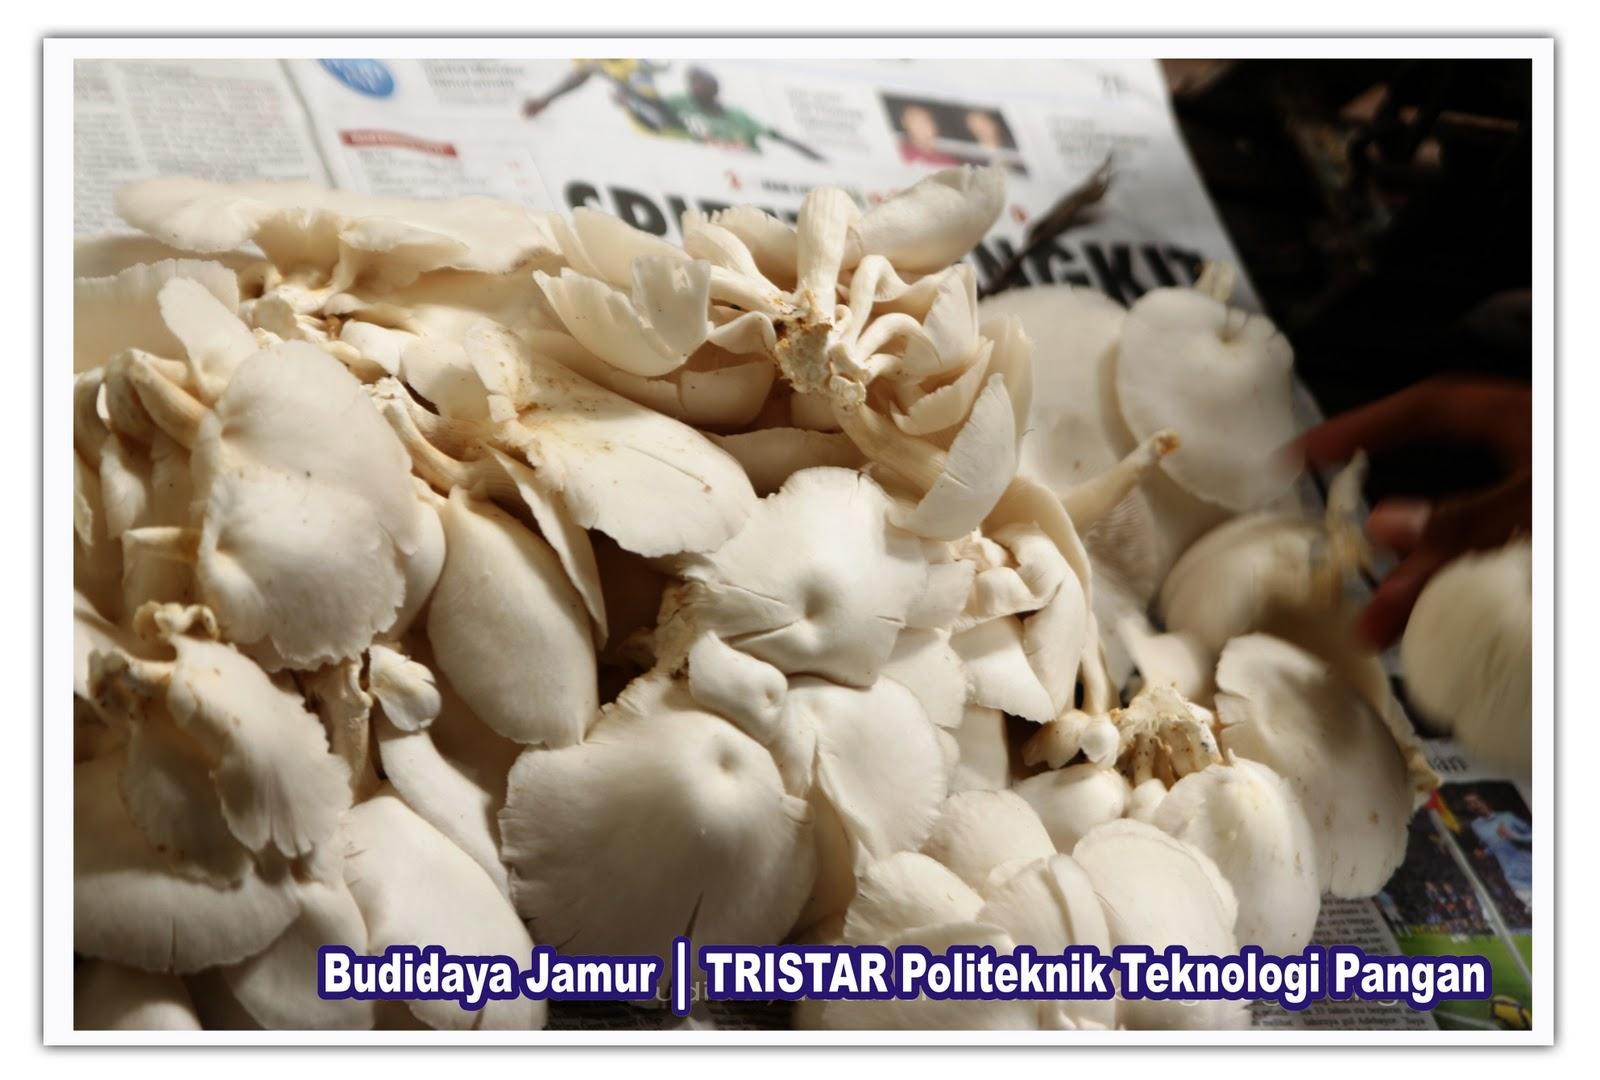 Jamur tiram merupakan jenis jamur yang telah banyak dibudidayakan